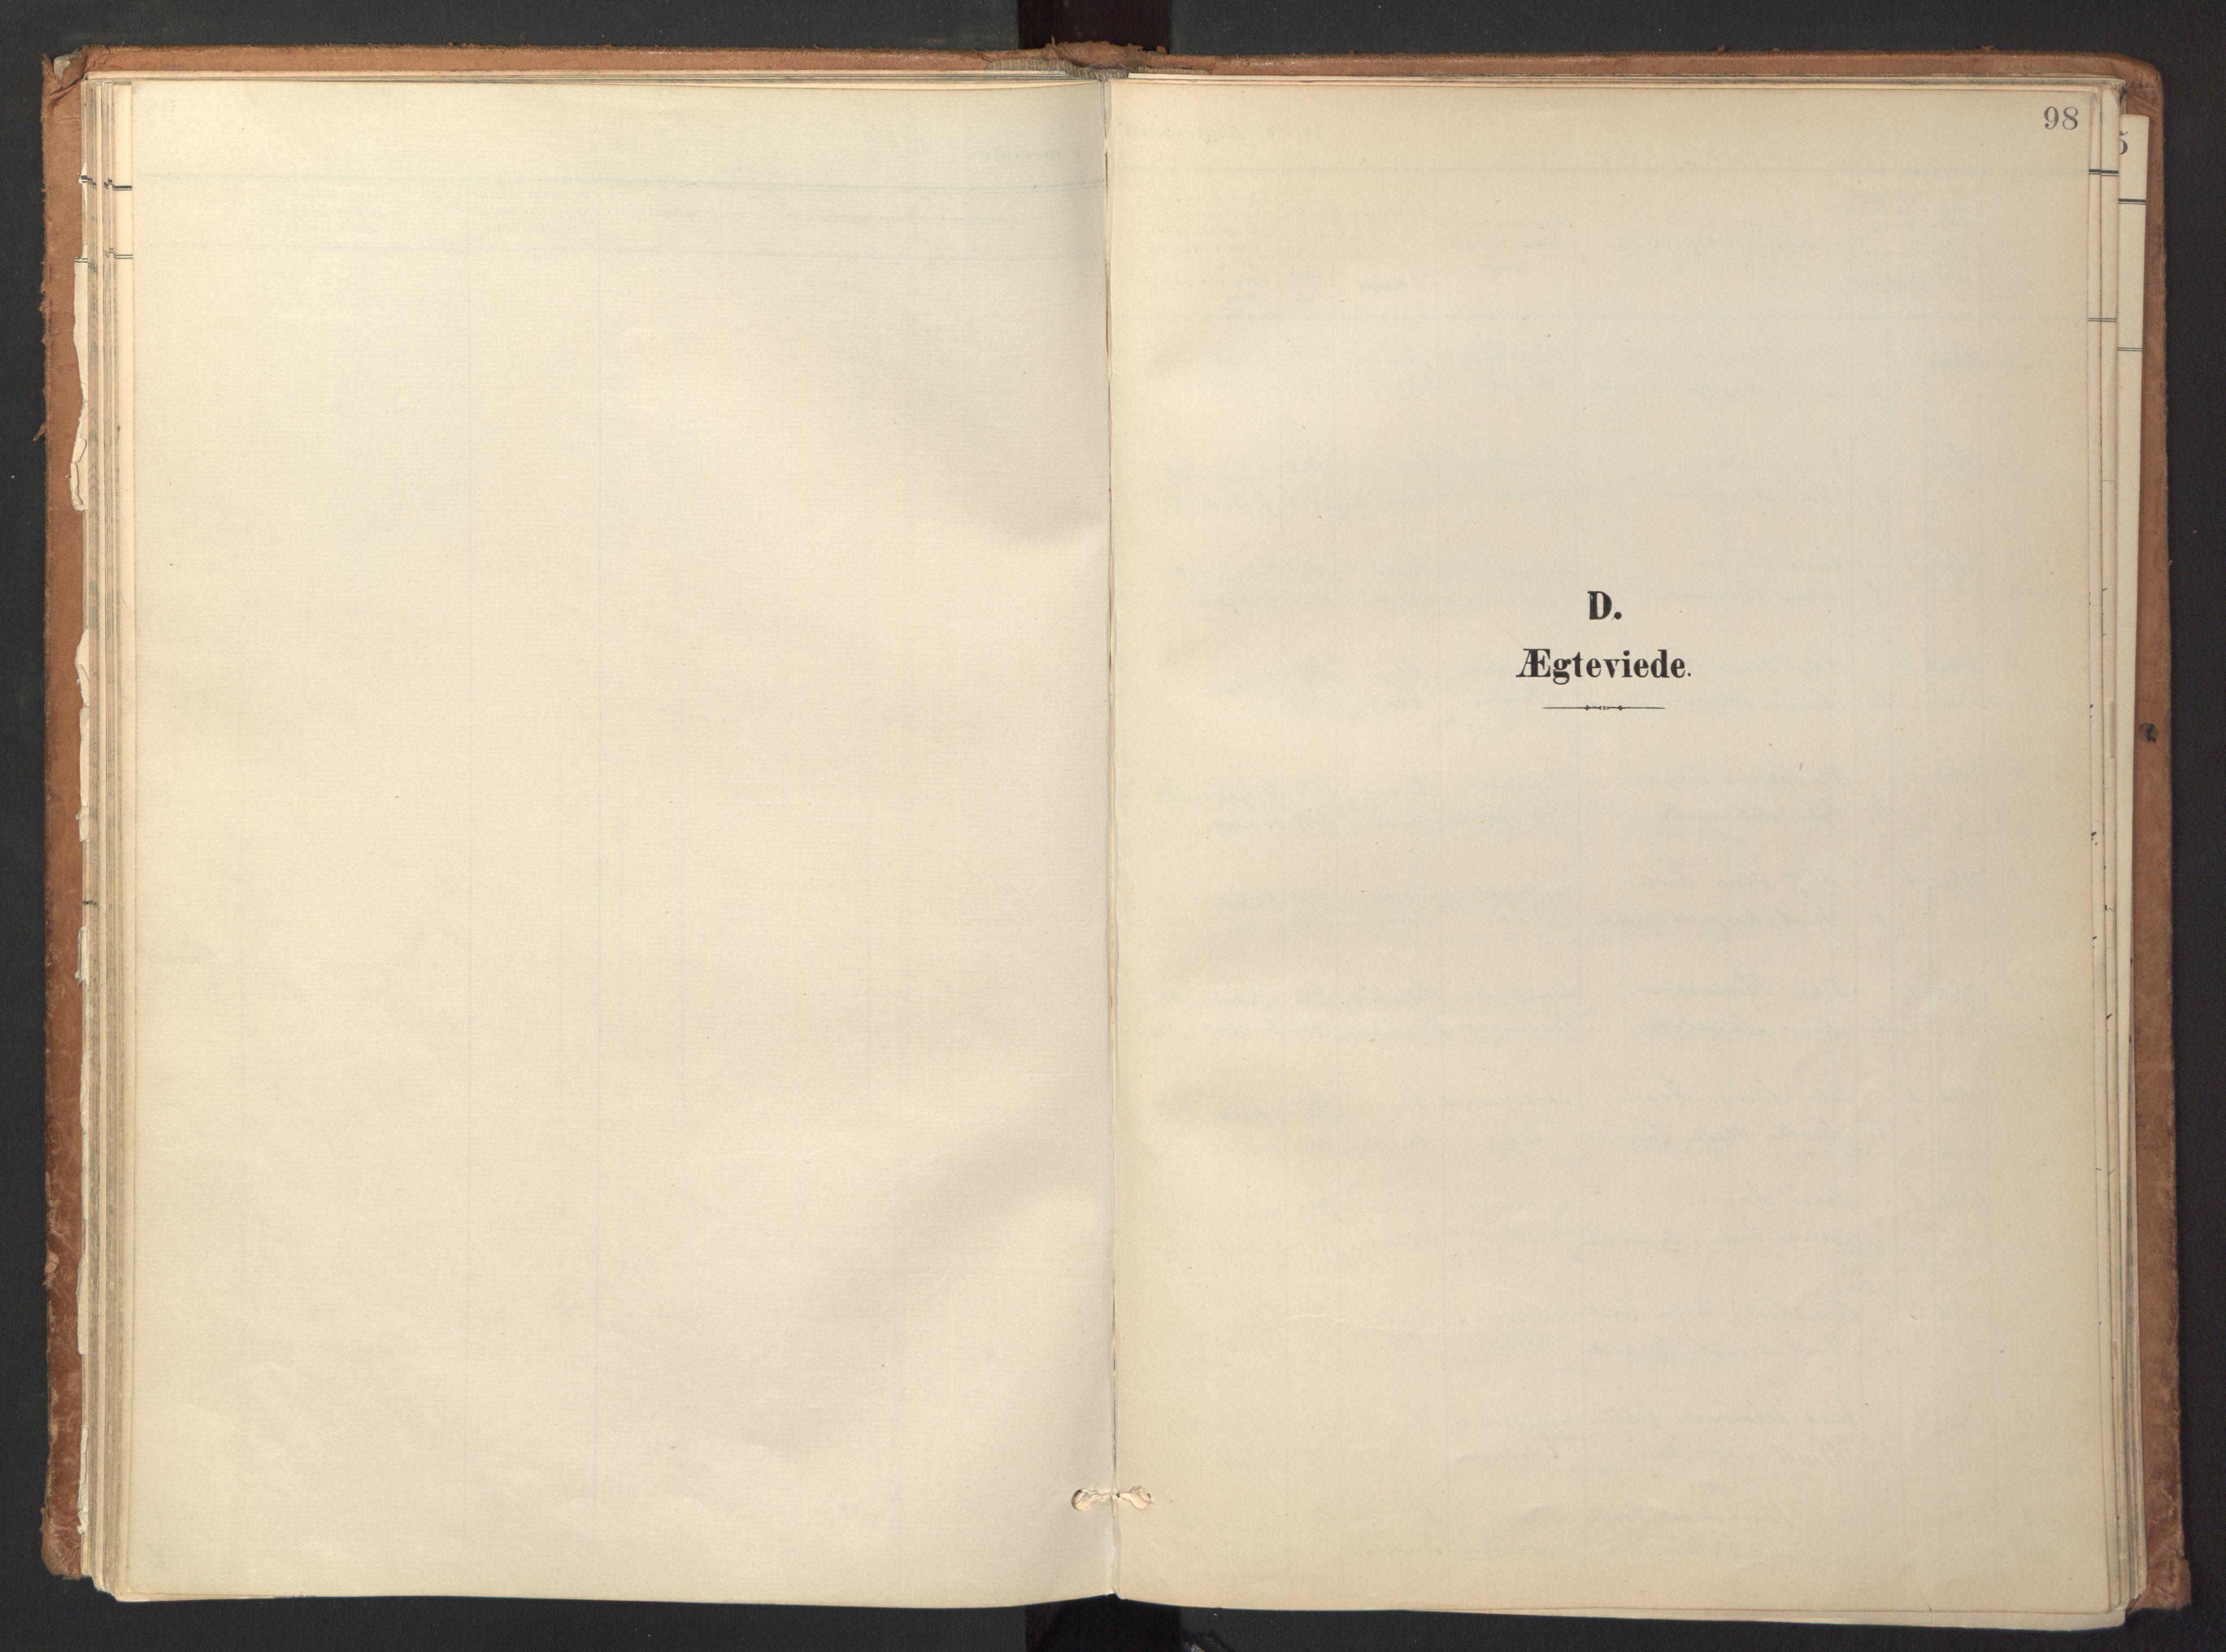 SAT, Ministerialprotokoller, klokkerbøker og fødselsregistre - Sør-Trøndelag, 618/L0448: Ministerialbok nr. 618A11, 1898-1916, s. 98